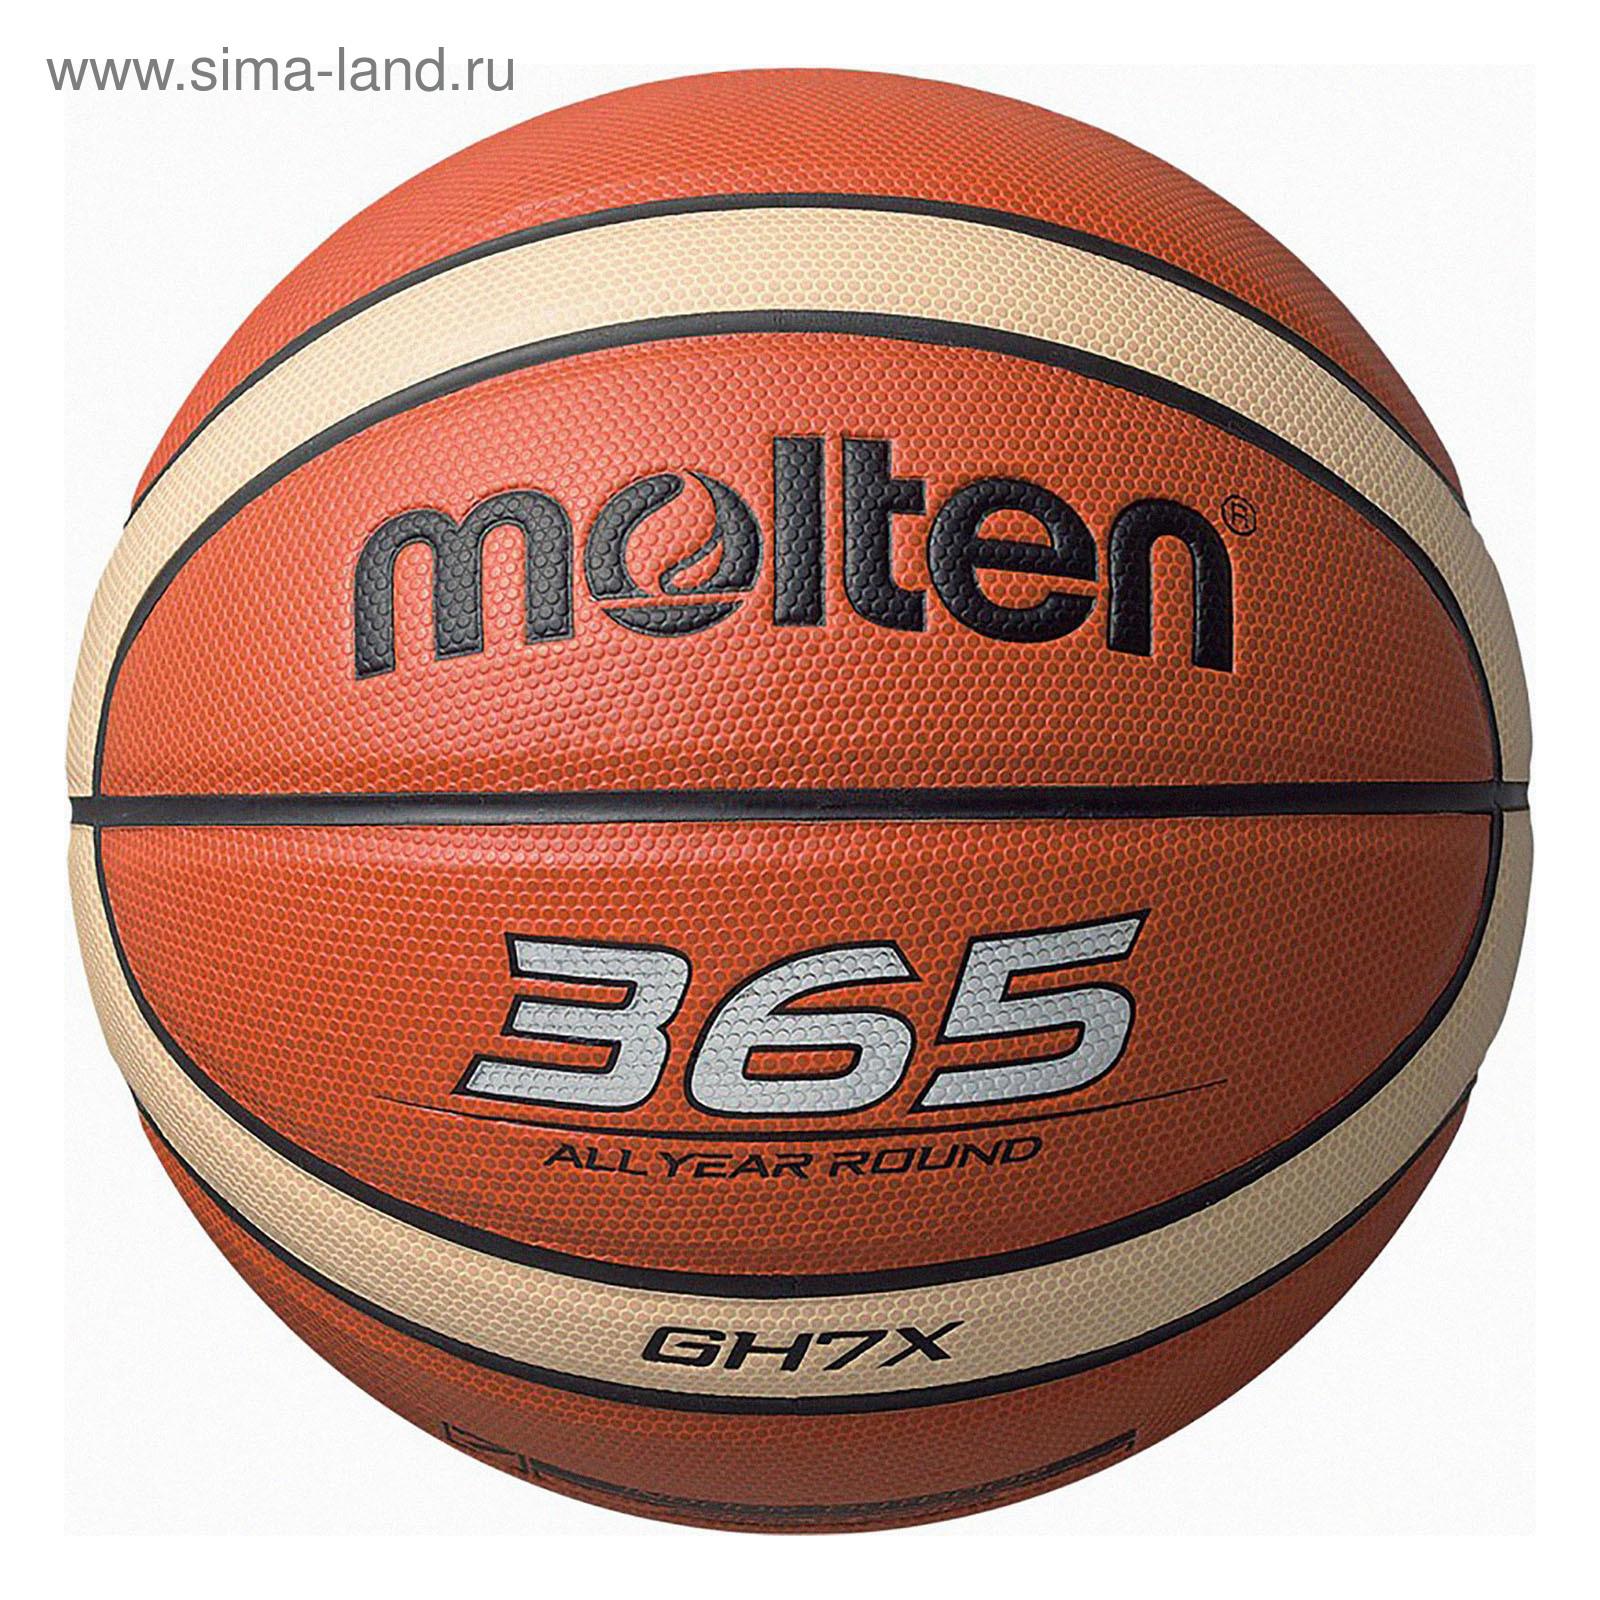 a88afdaf Мяч баскетбольный MOLTEN BGH7X, размер 7 (2518977) - Купить по цене ...